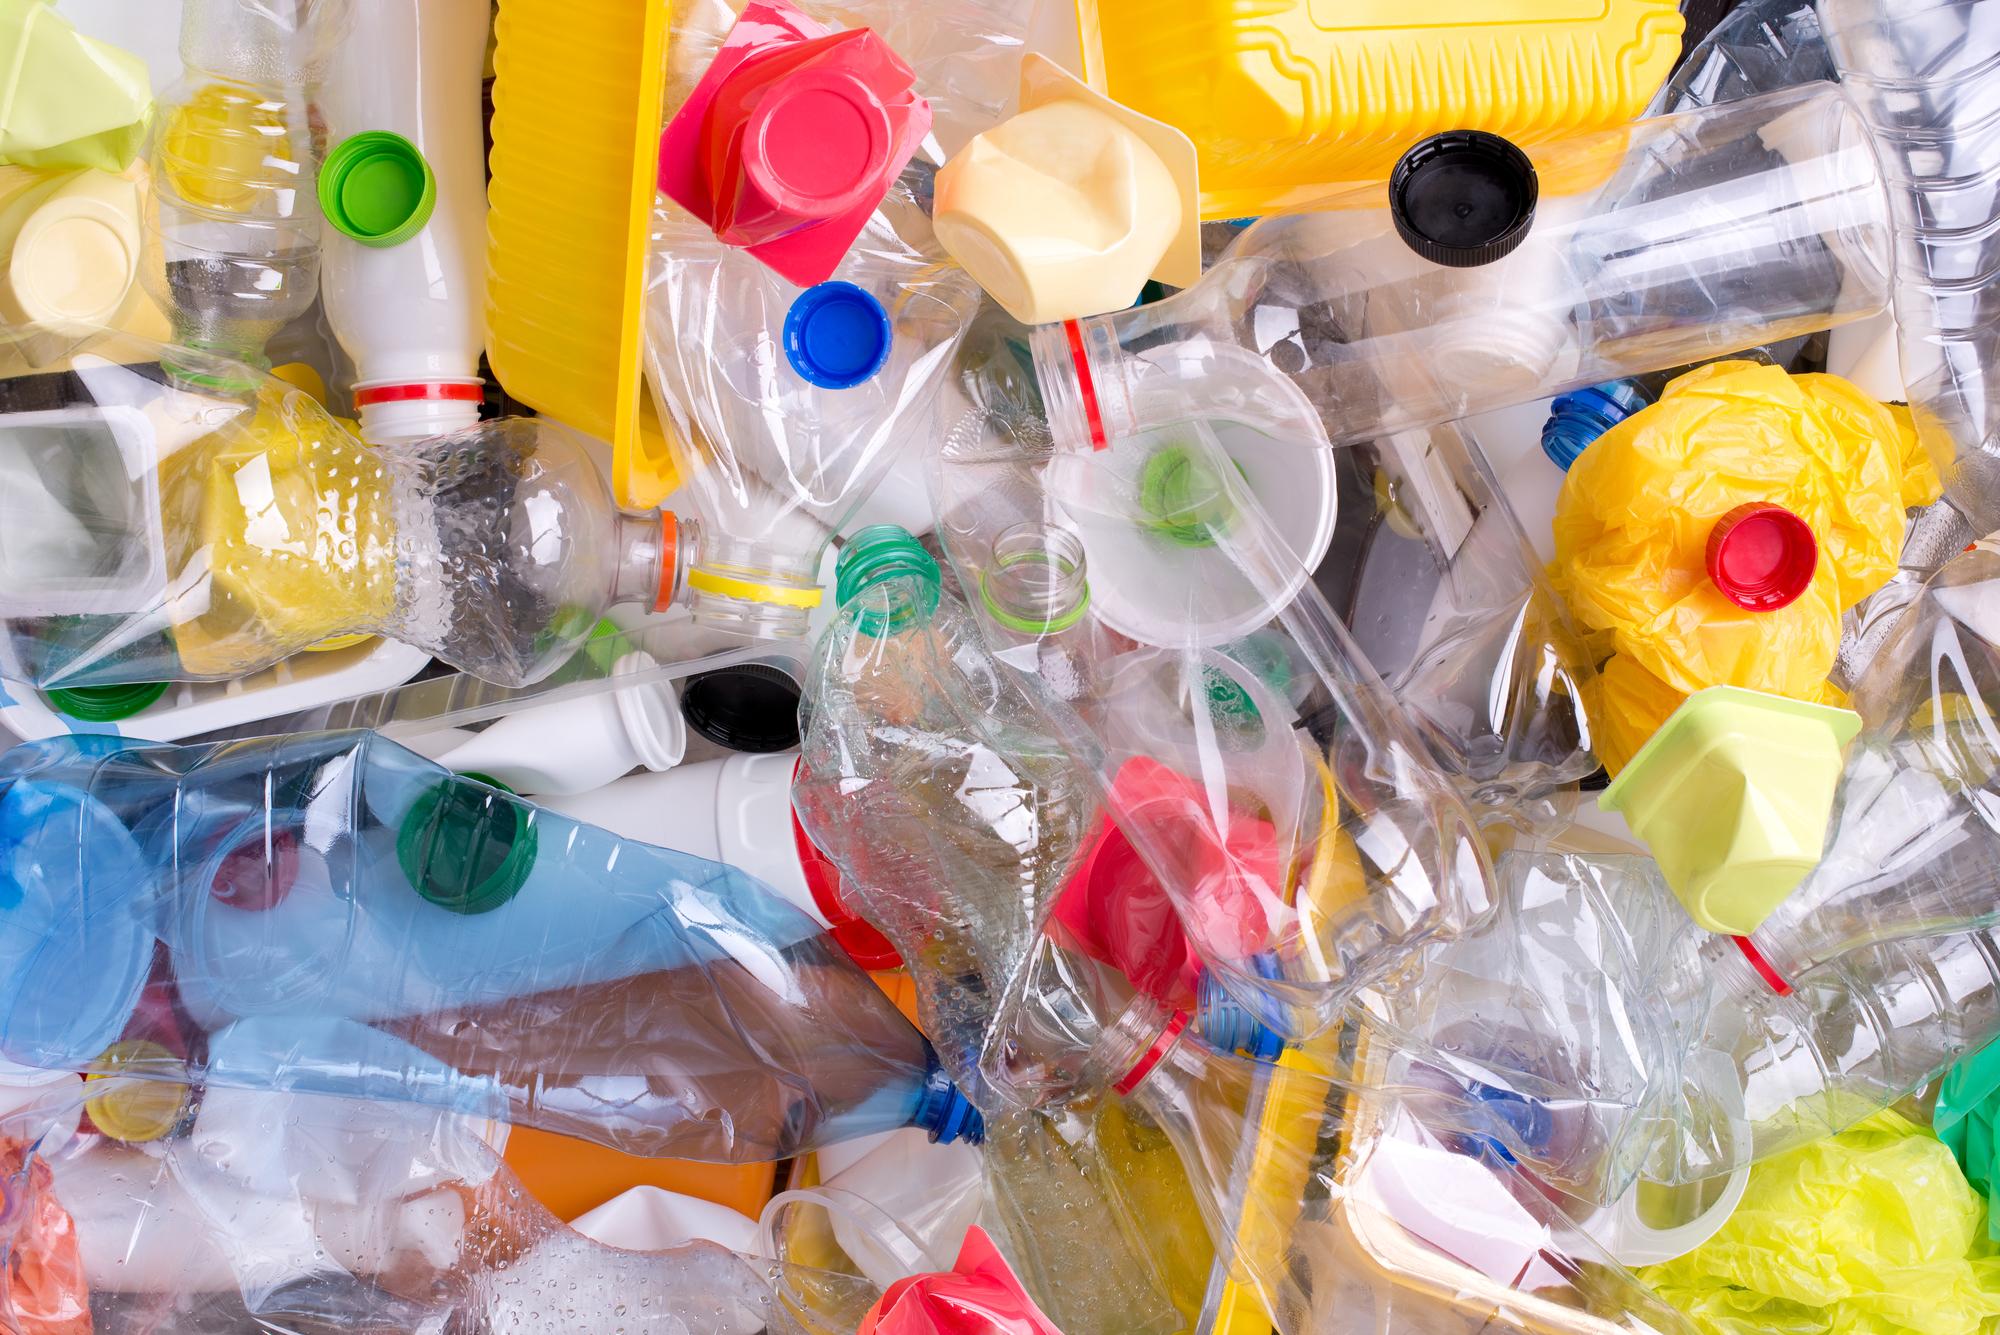 Более 80 контейнеров с пластиковыми отходами обнаружены в Камбодже